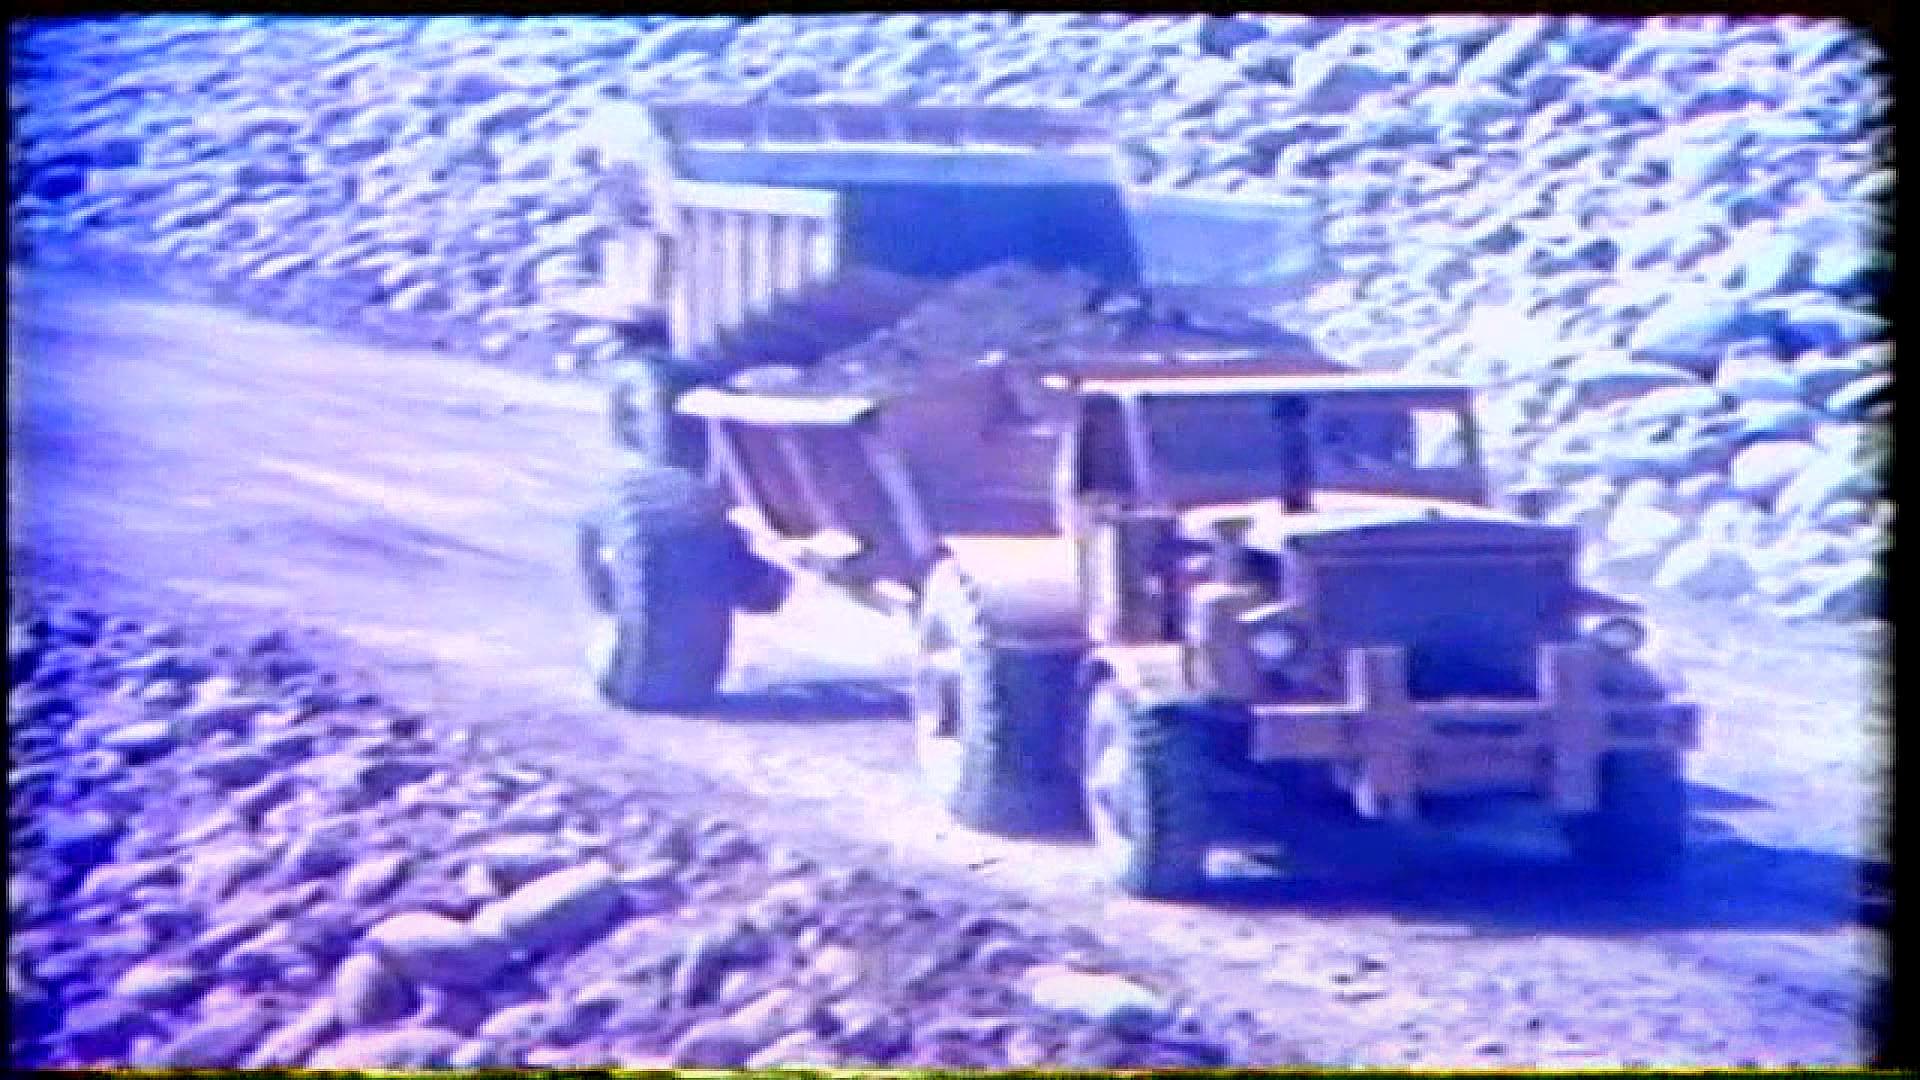 榮工處承建曾文水庫之大壩填築載運壩檯處理場的砂石